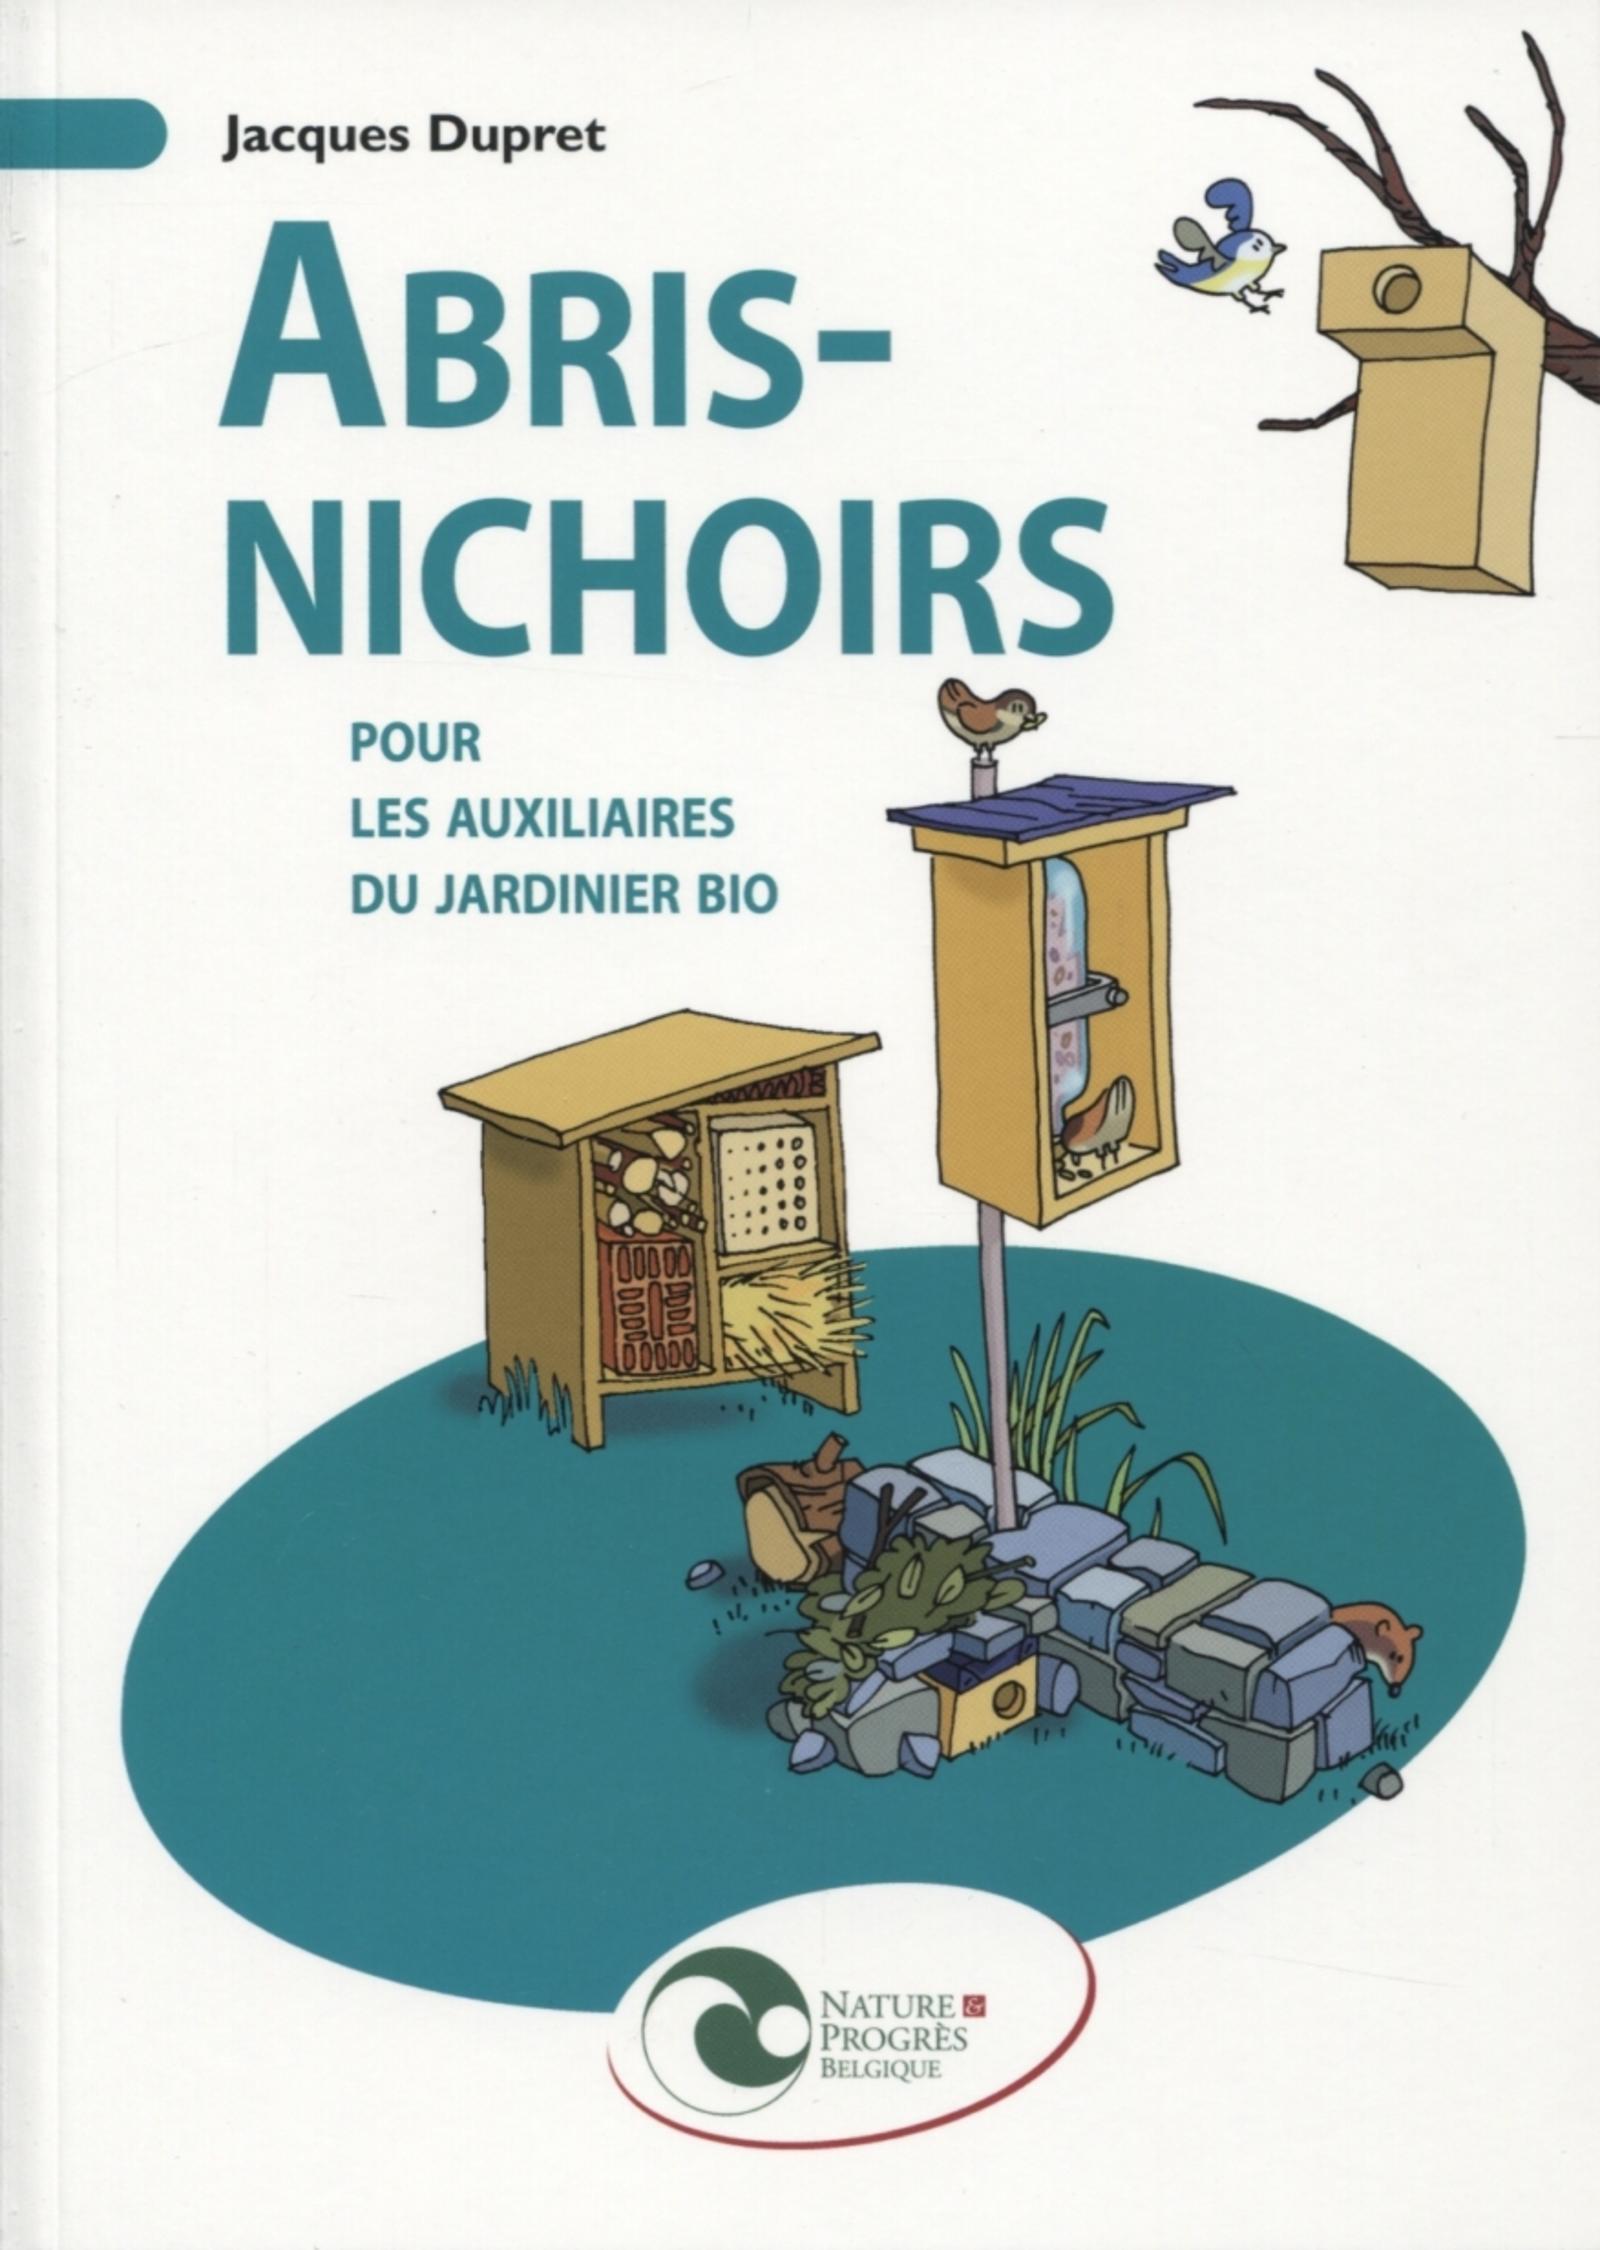 ABRIS-NICHOIRS POUR LES AUXILIAIRES DU JARDINIER BIO